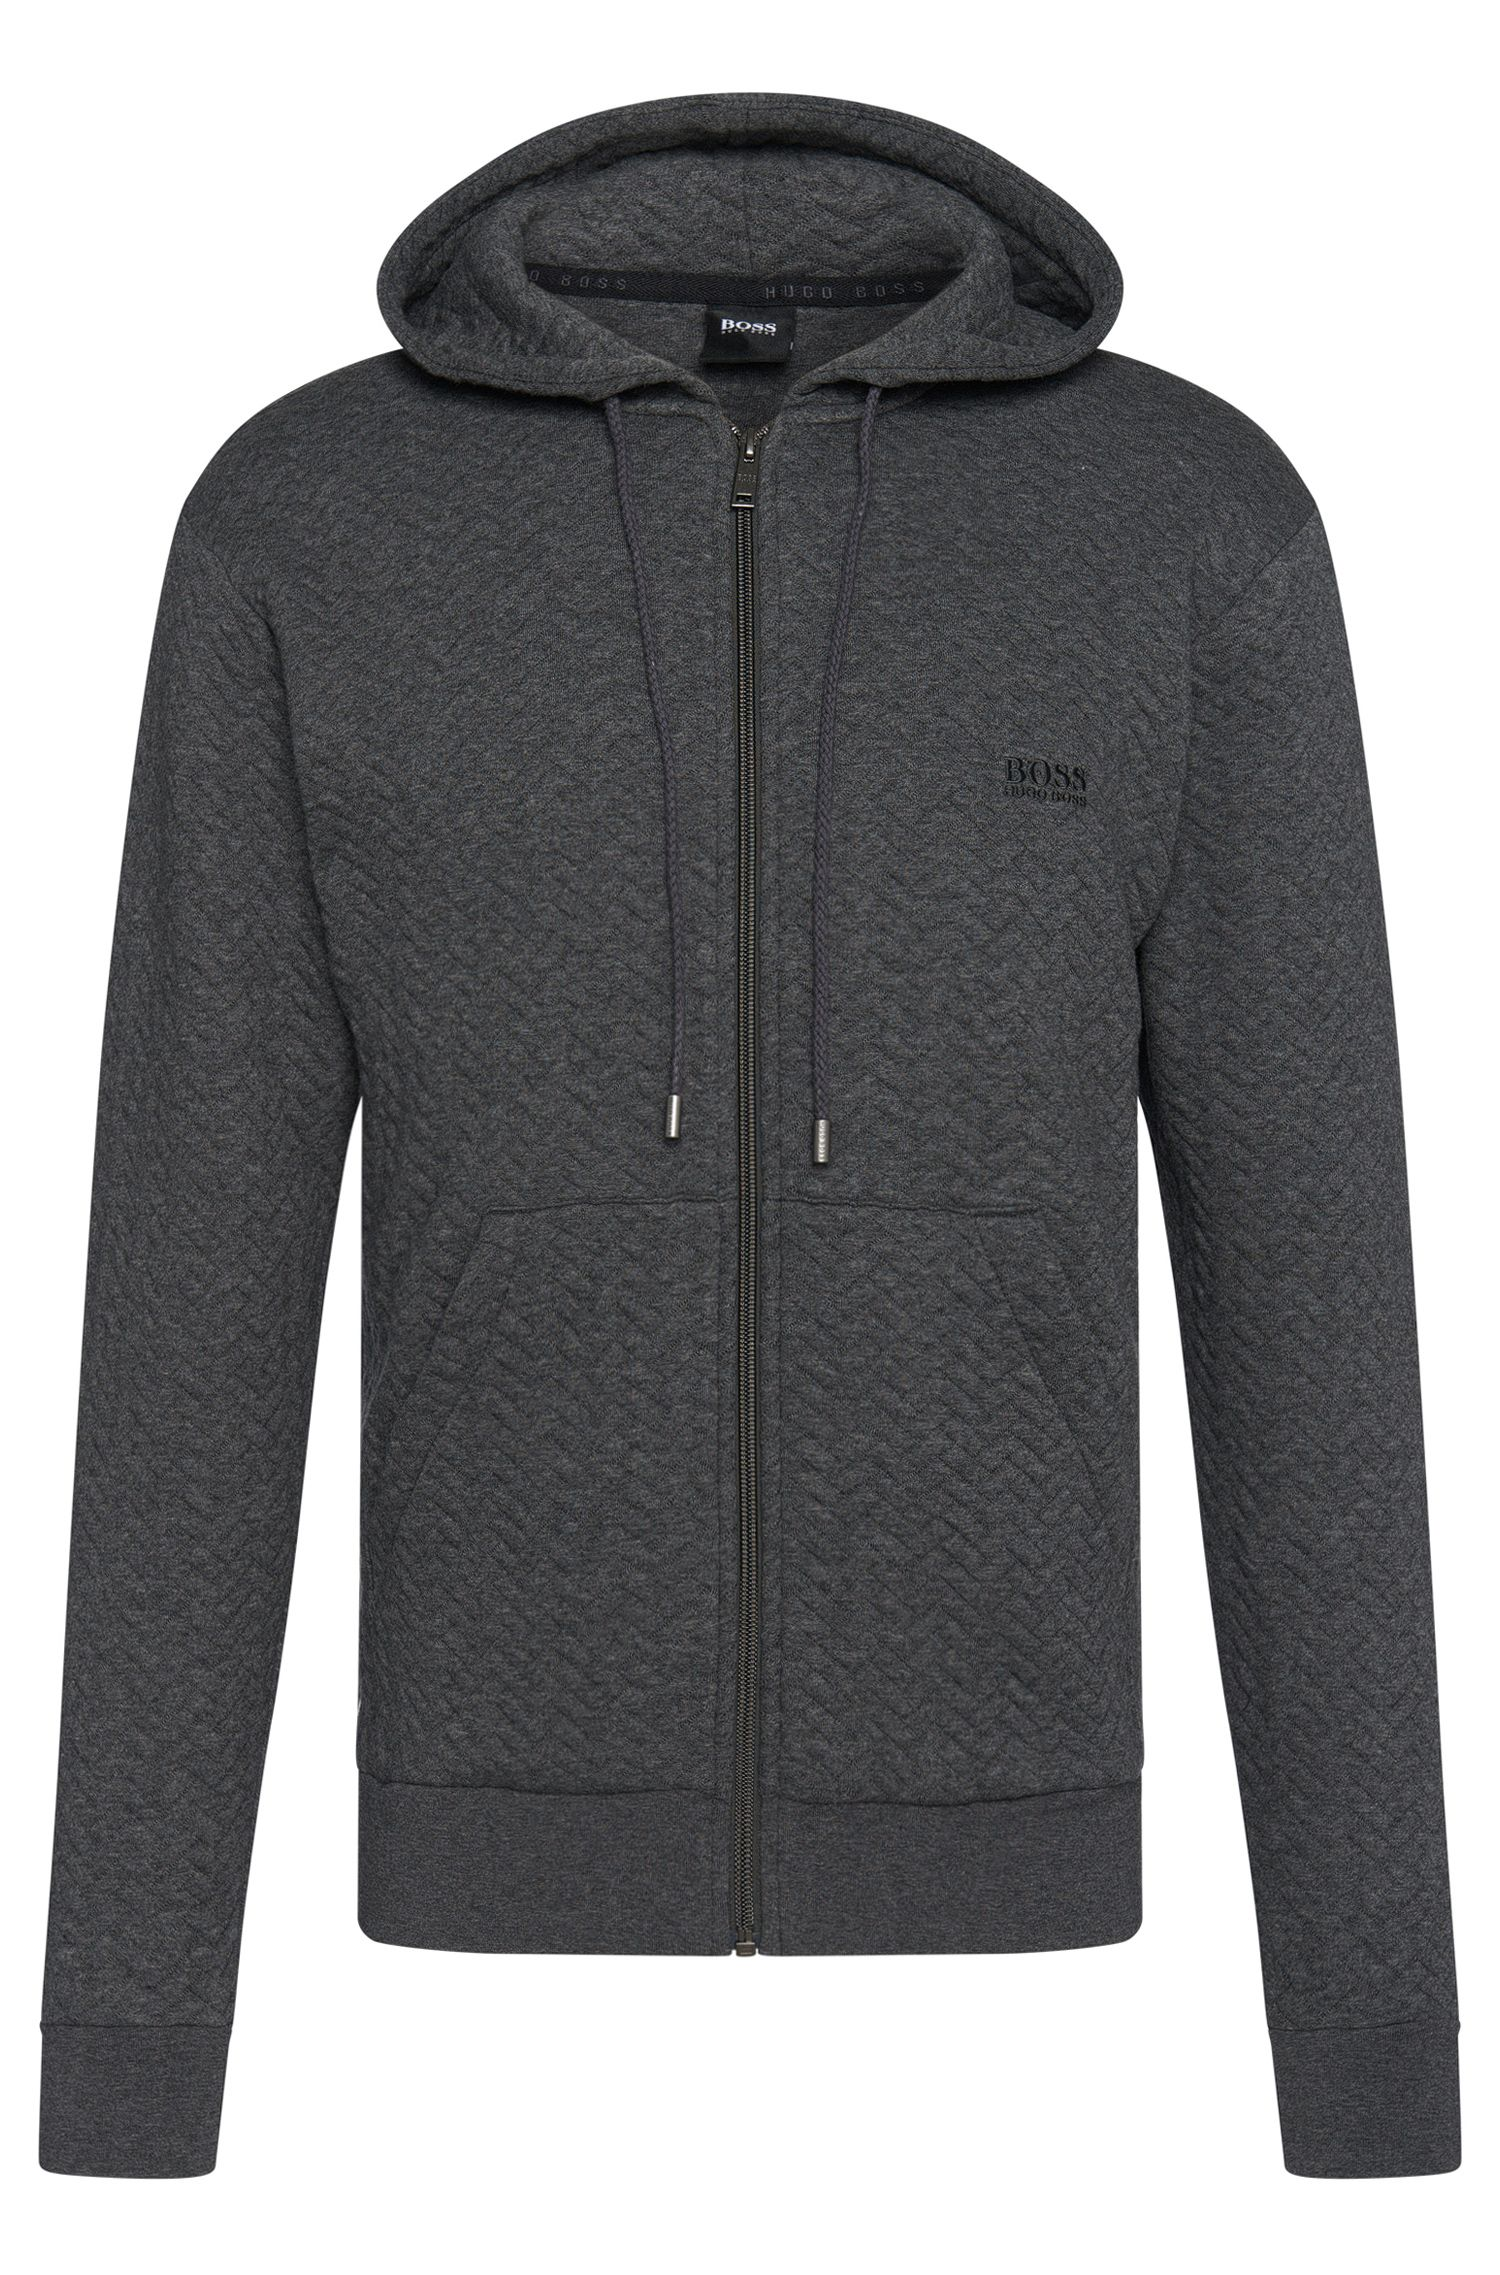 Cotton Herringbone-Quilted Hooded Sweatshirt | Jacket Hooded